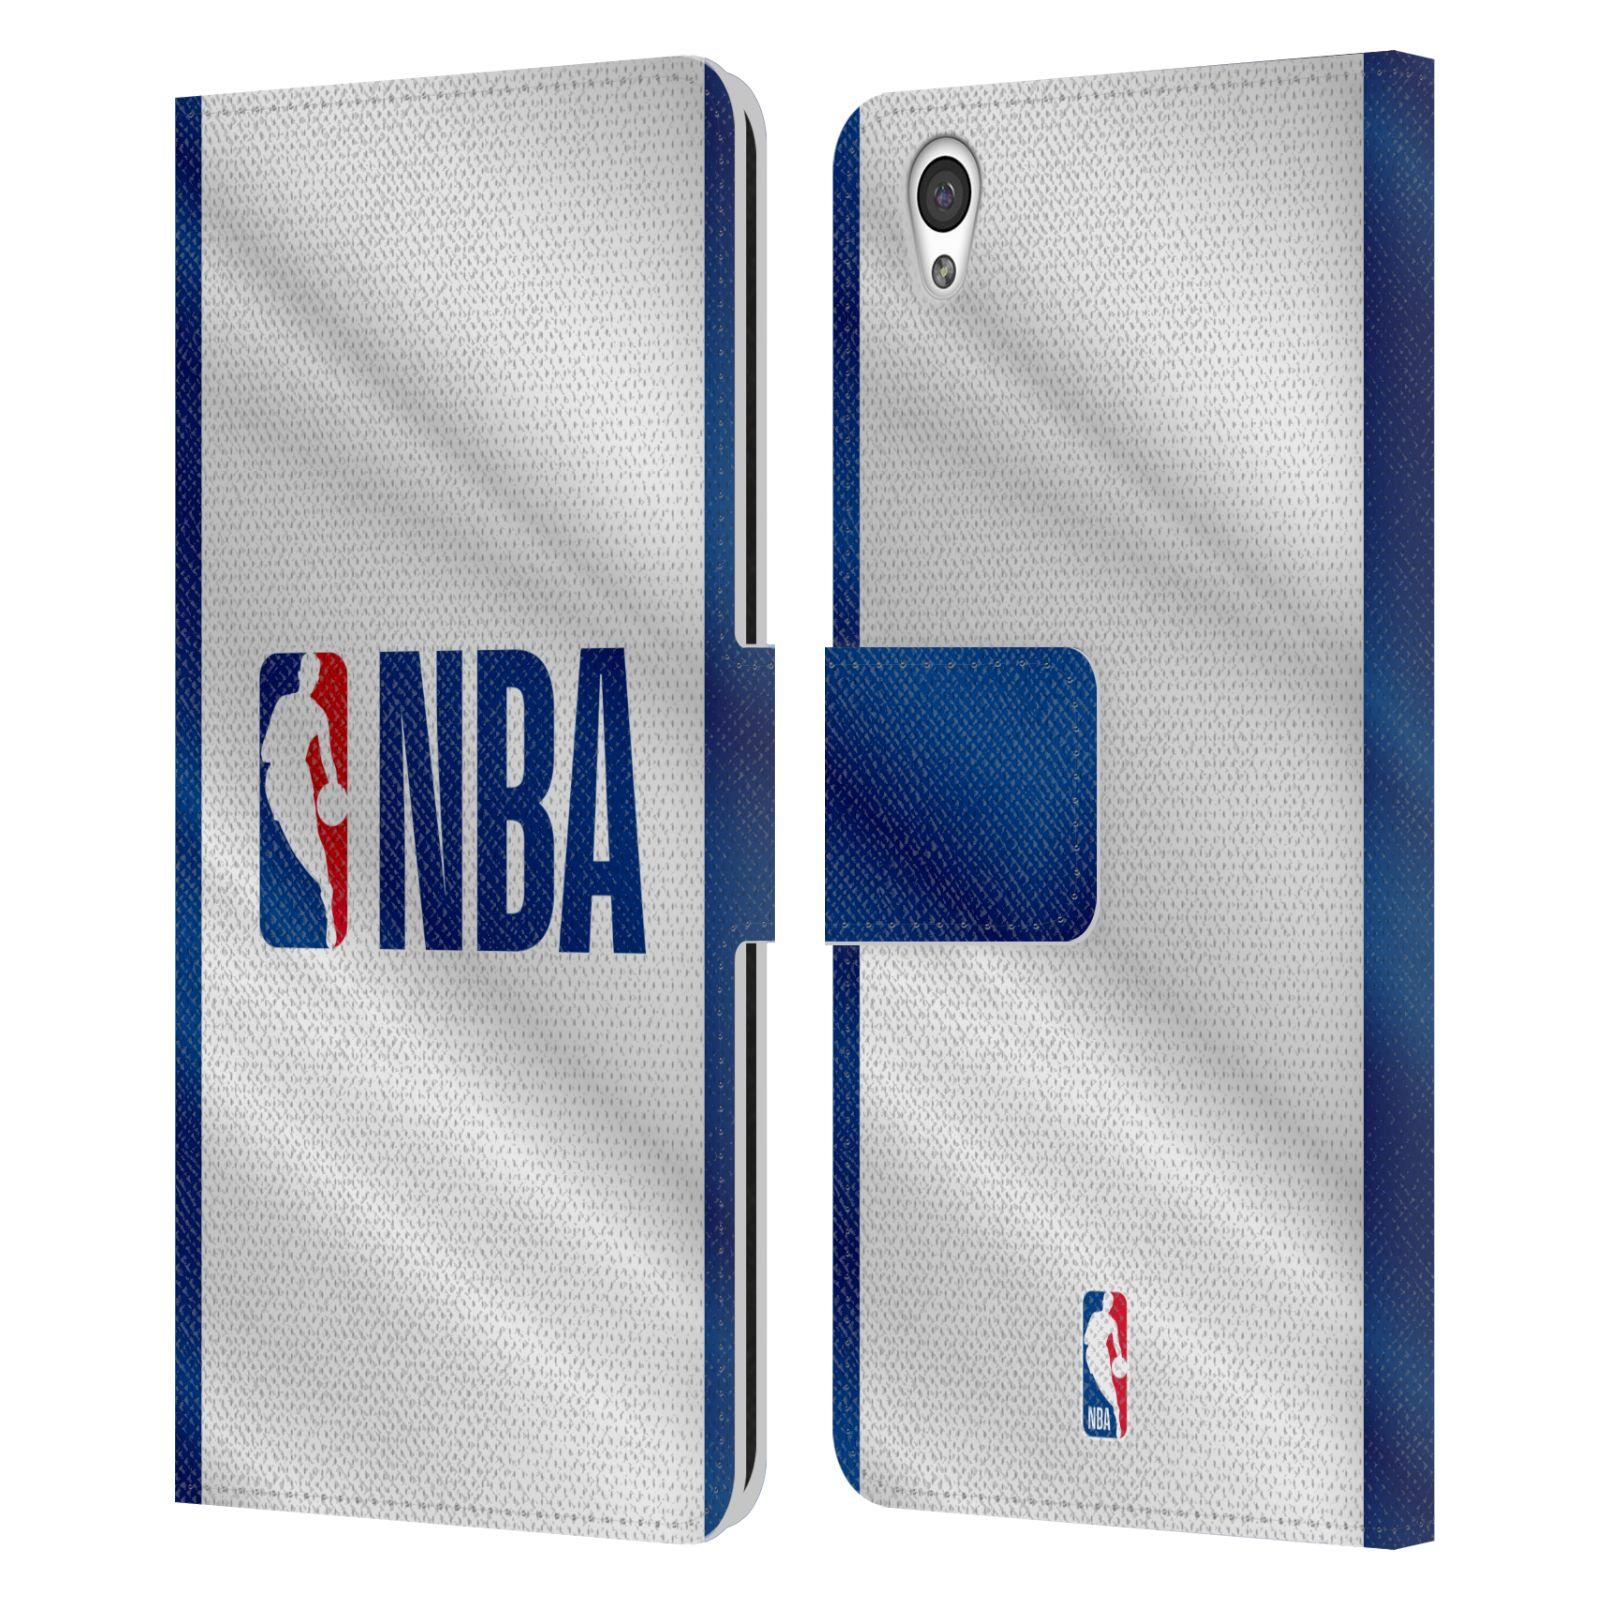 Pouzdro na mobil OnePlus X - Head Case - NBA - Logo modré pruhy